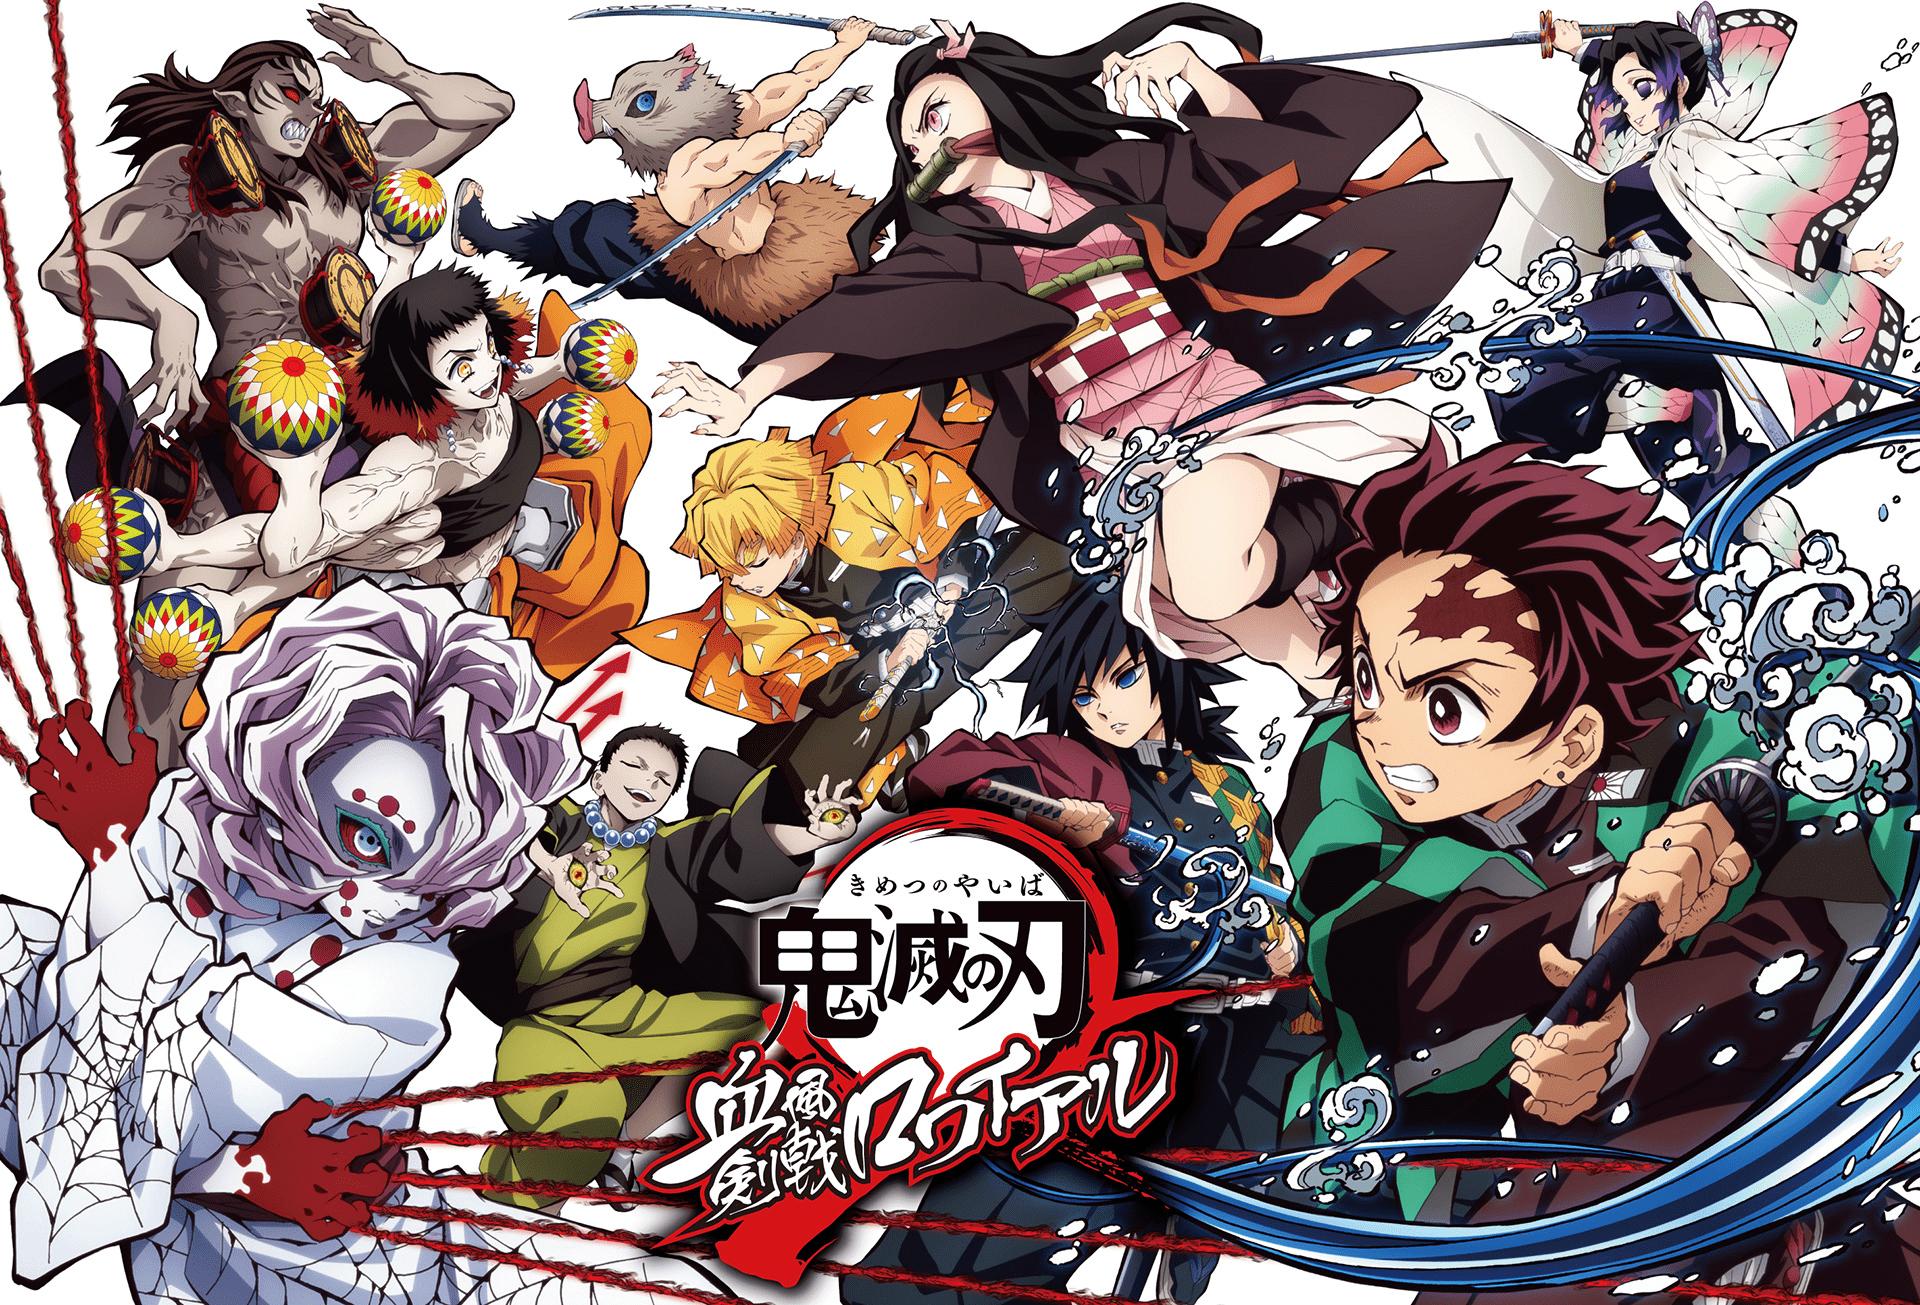 phim anime kimetsu no yaiba - elle man